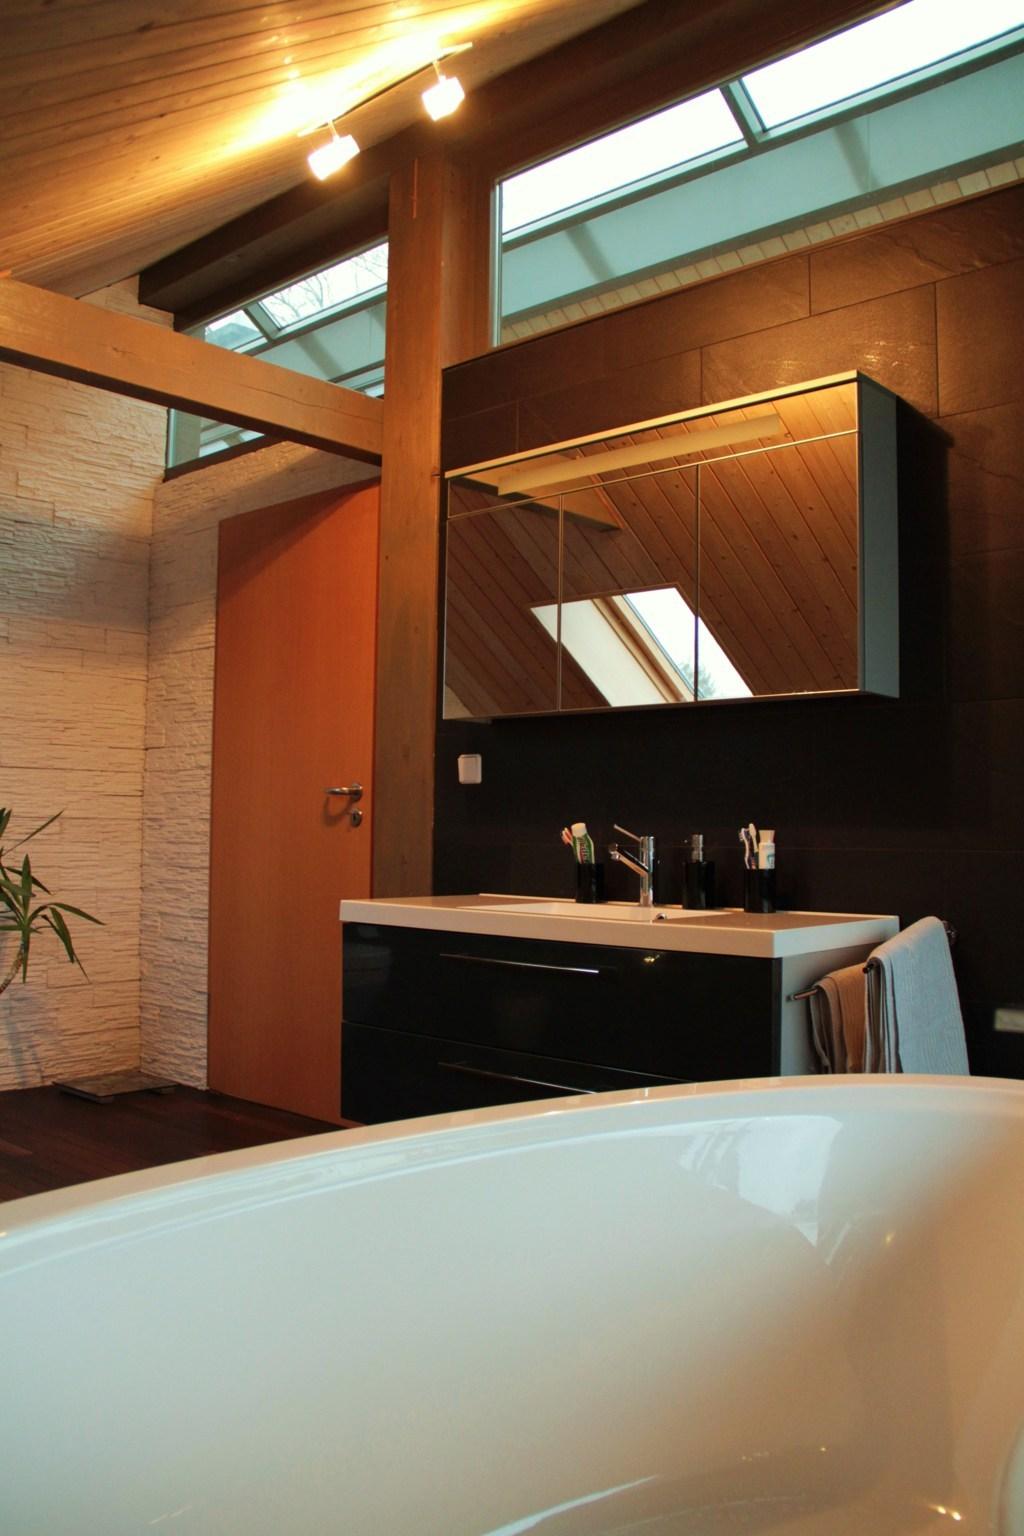 frh 11x9 f. Black Bedroom Furniture Sets. Home Design Ideas